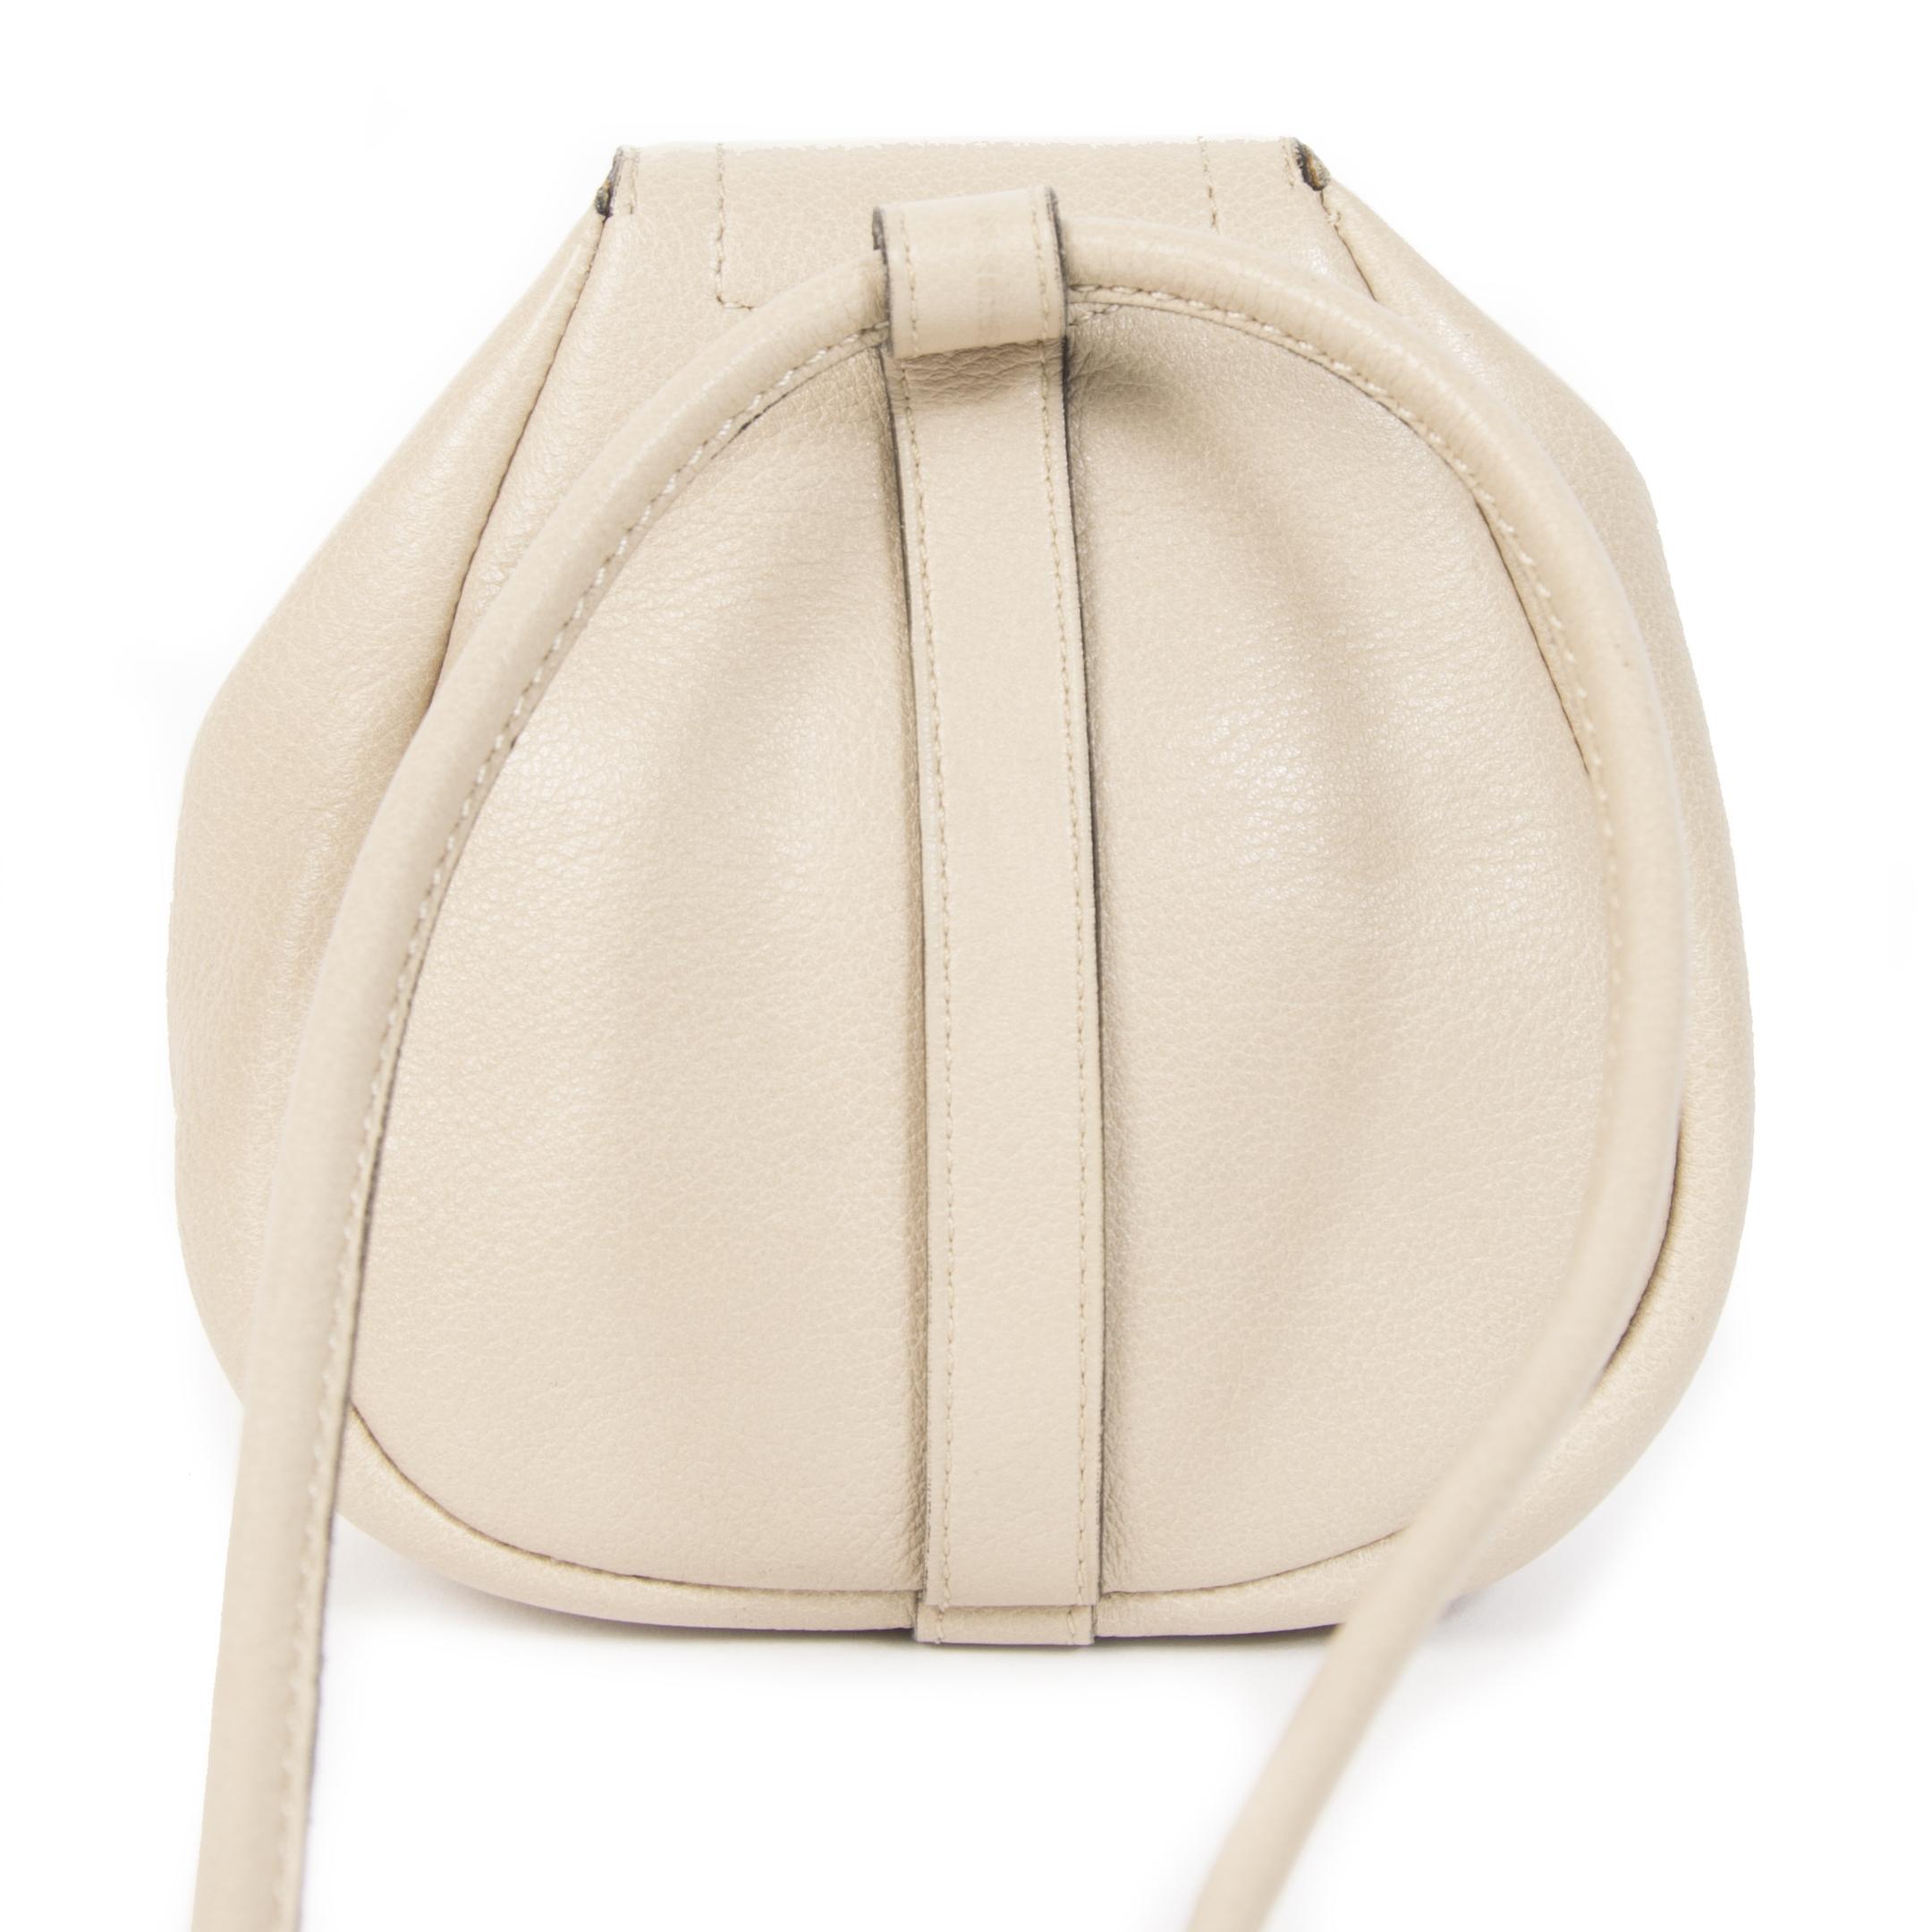 Authentieke Tweedehands Delvaux Beige Cerceau Mini Crossbody Bag juiste prijs veilig online shoppen luxe merken webshop winkelen Antwerpen België mode fashion